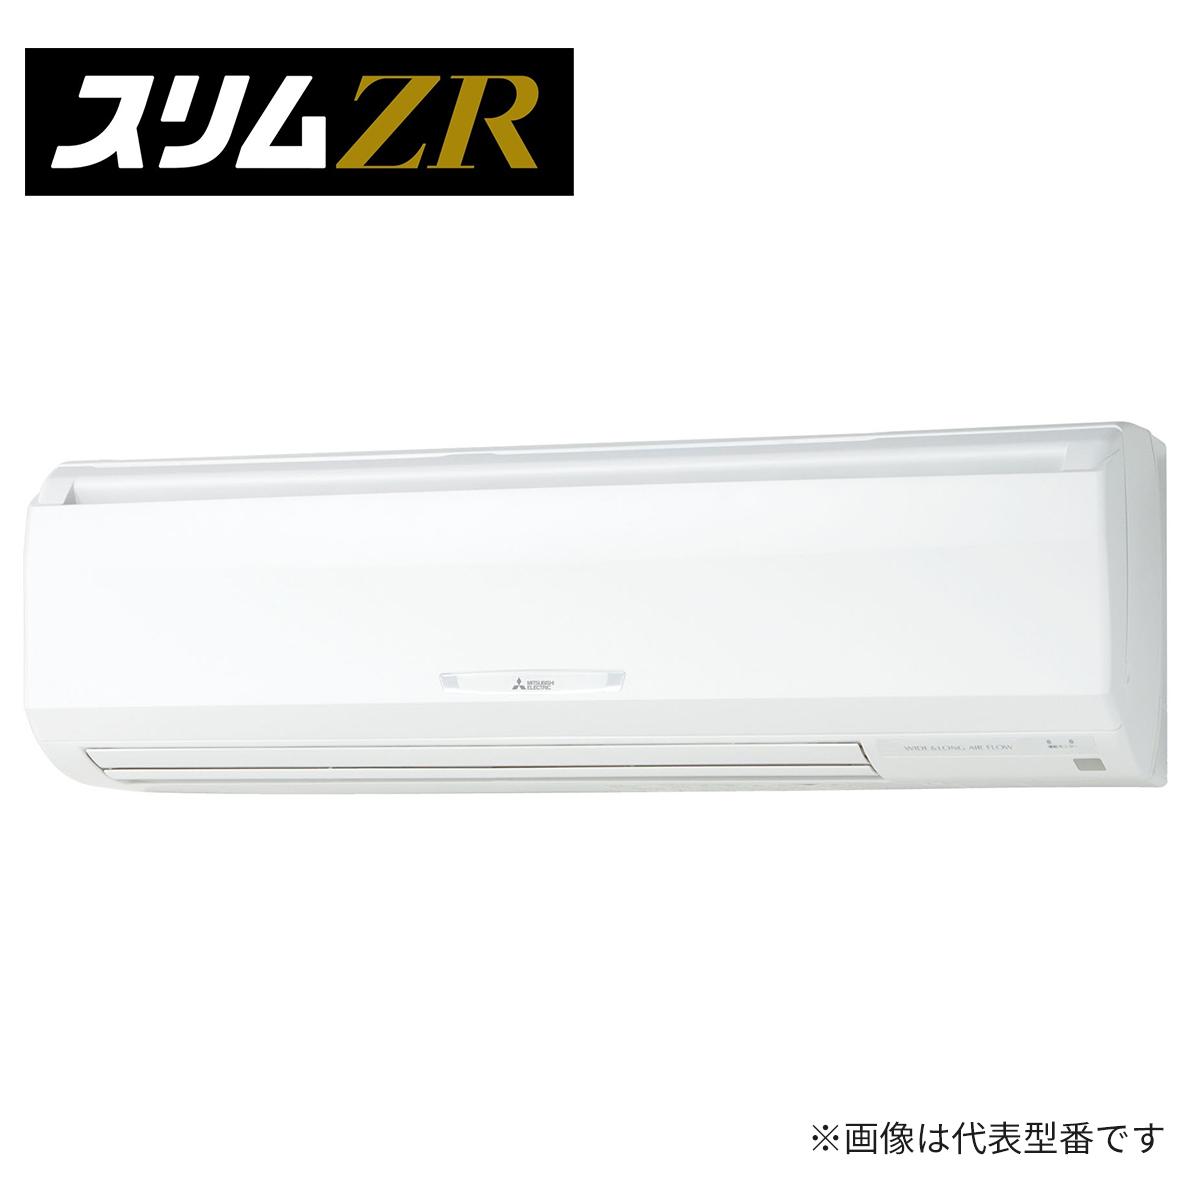 ###三菱 業務用エアコン【PKZ-ZRMP56KLR】スリムZR 壁掛形 標準シングル ワイヤレス 三相200V 2.3馬力